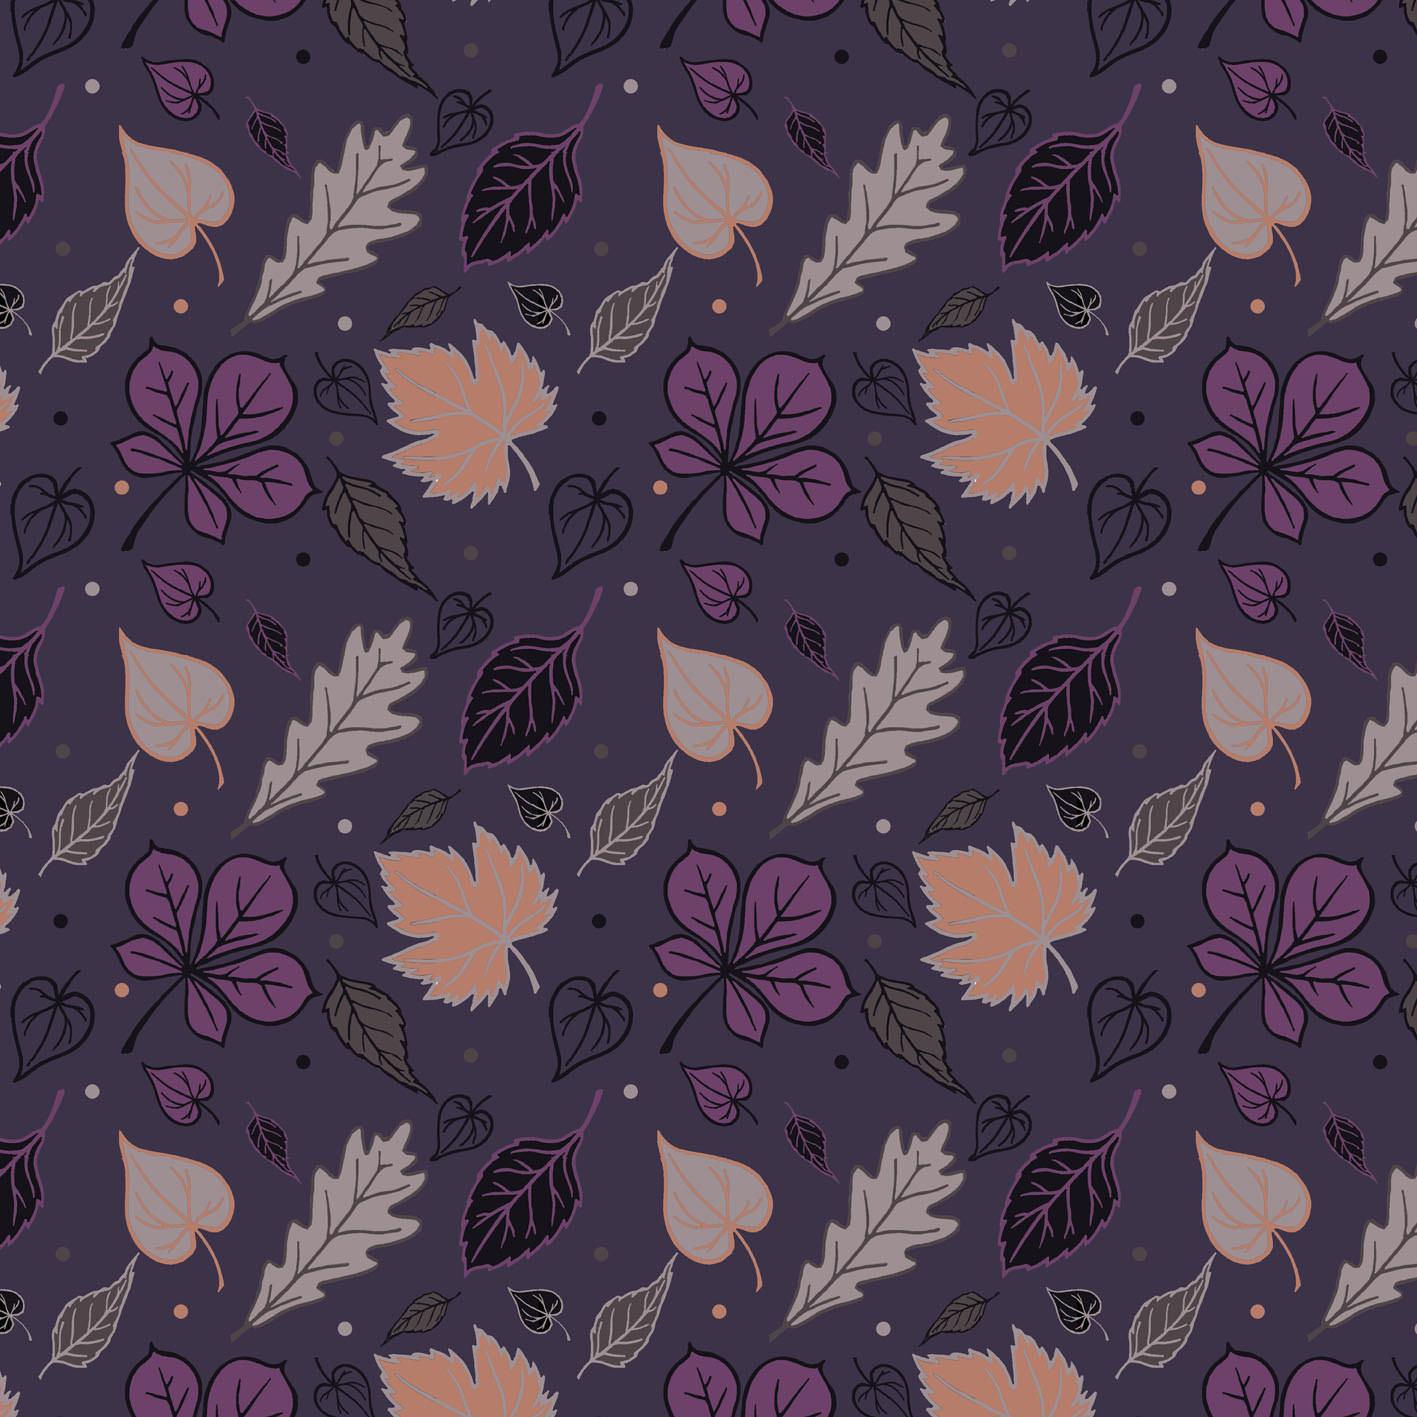 leaf design purple.jpg